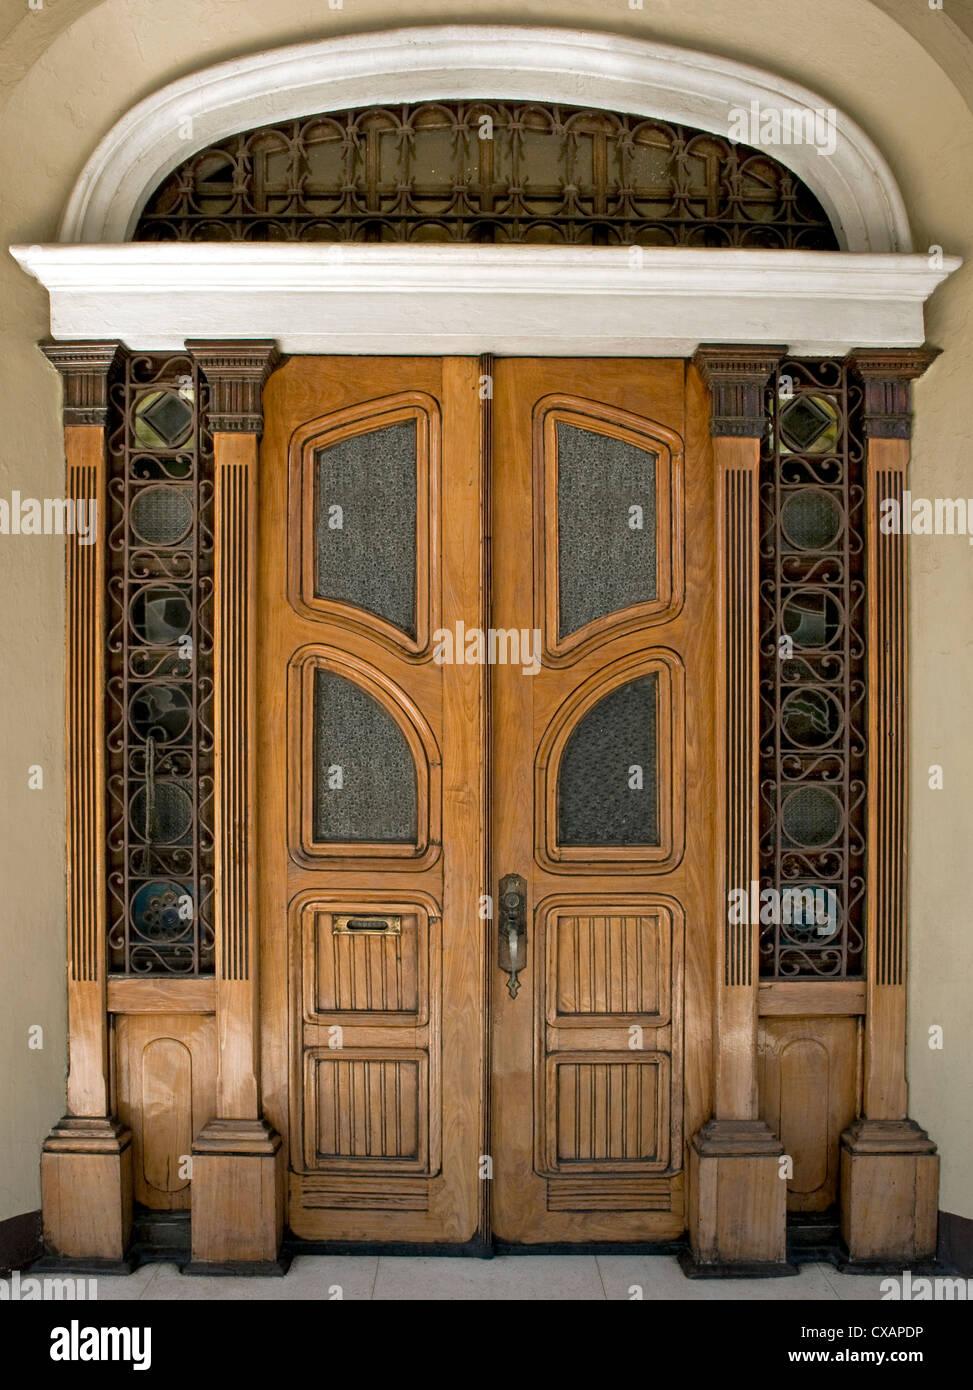 Art Nouveau Stil Tür, Iloilo, Philippinen, Südostasien, Asien Stockbild